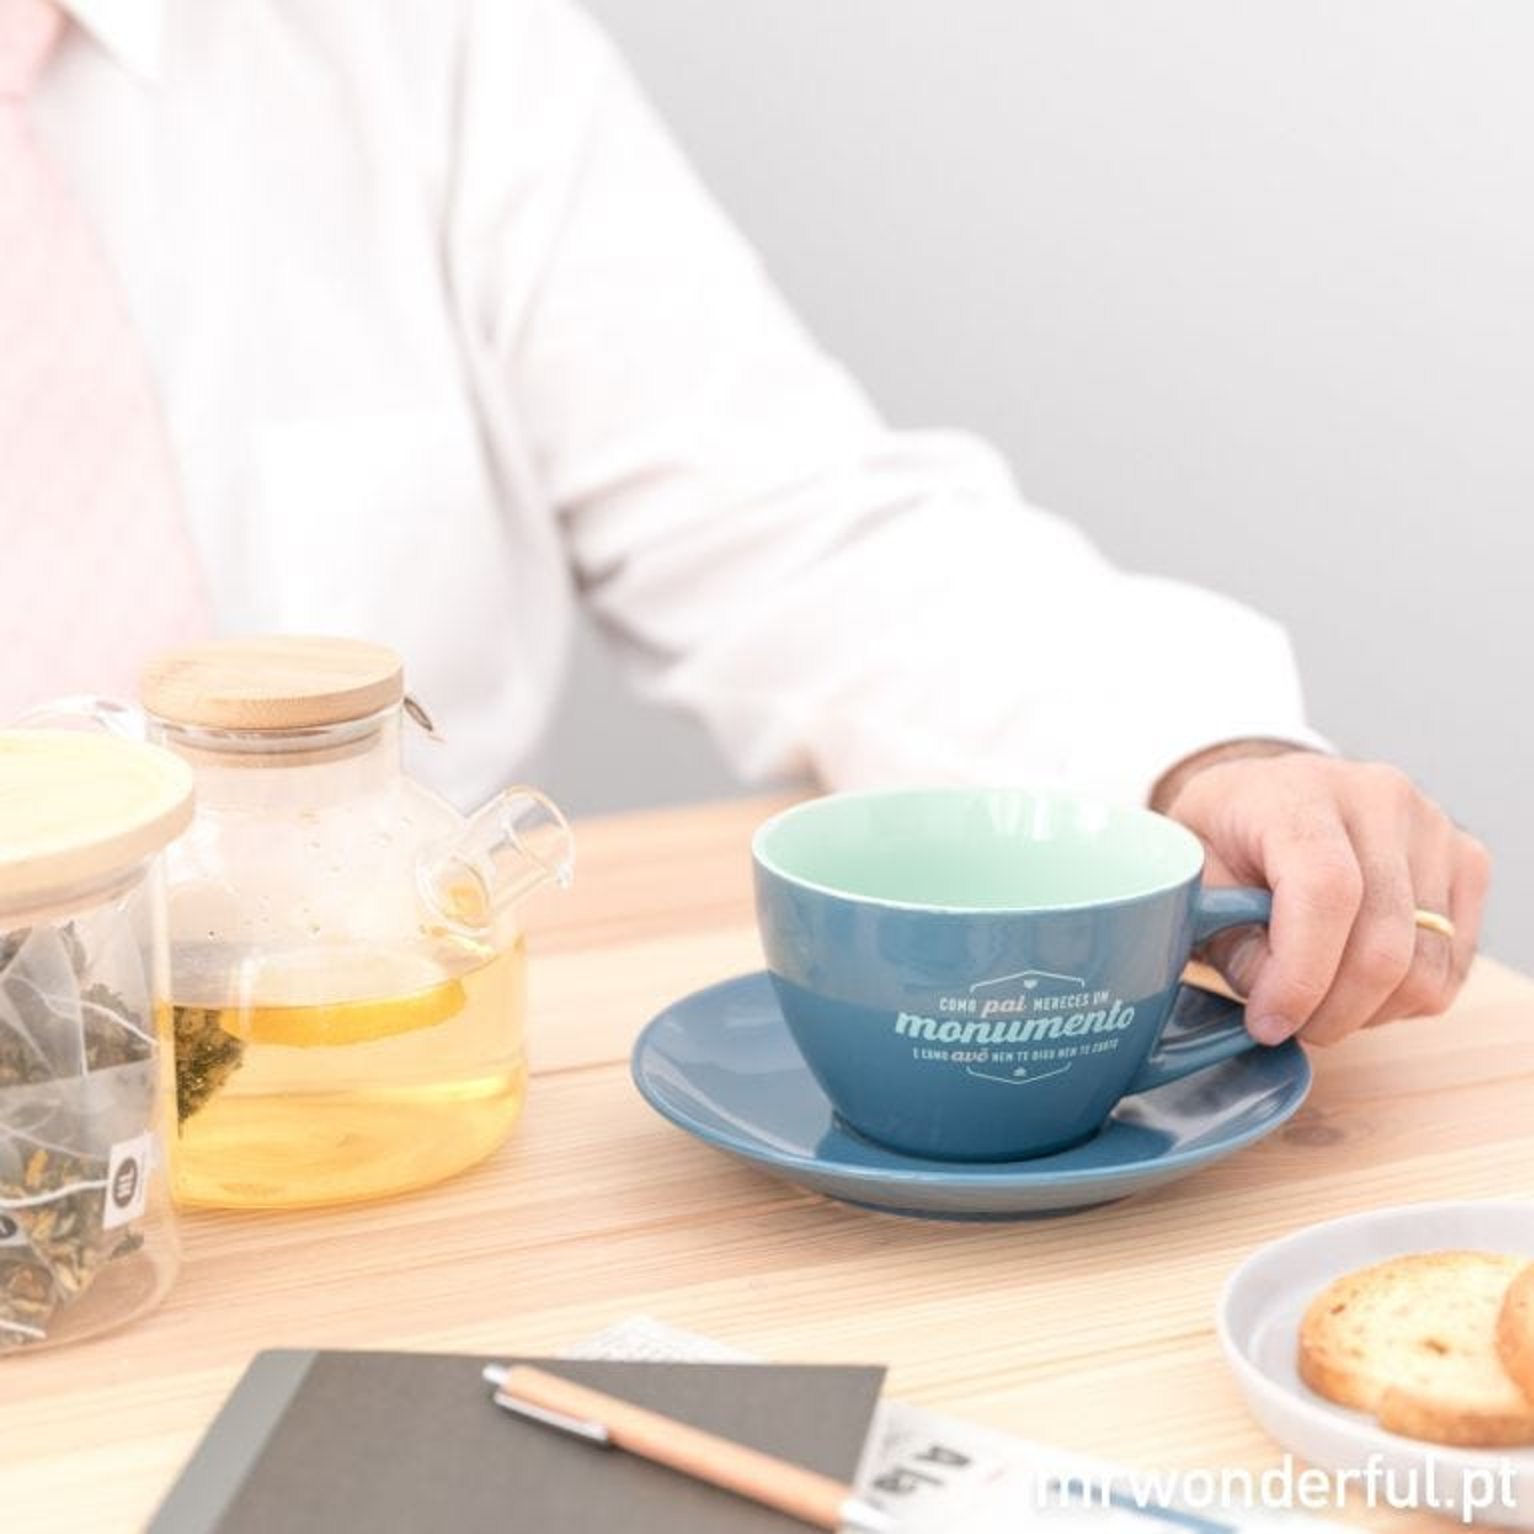 Chávena e pires - Como pai mereces um monumento e como avô nem te digo nem te conto (PT)